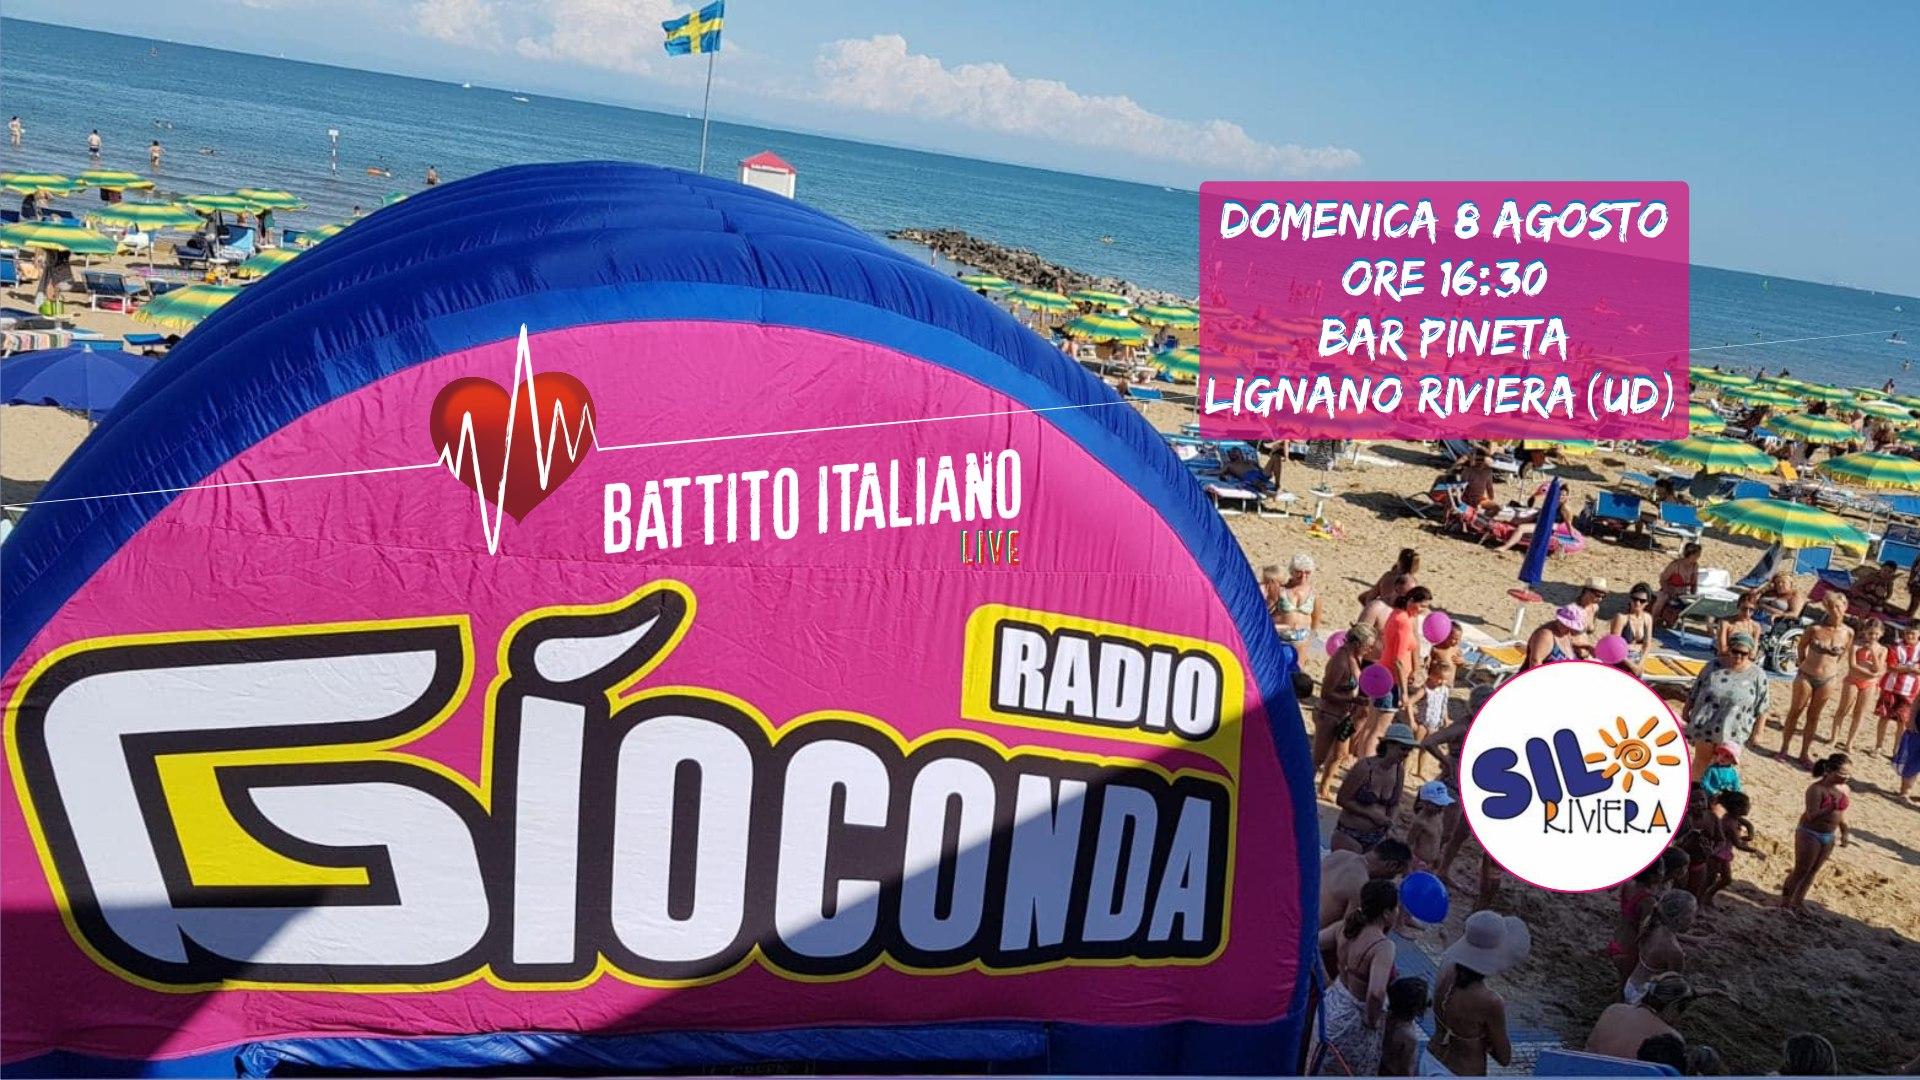 Battito Italiano Live dal Bar Pineta di Lignano Riviera (UD)